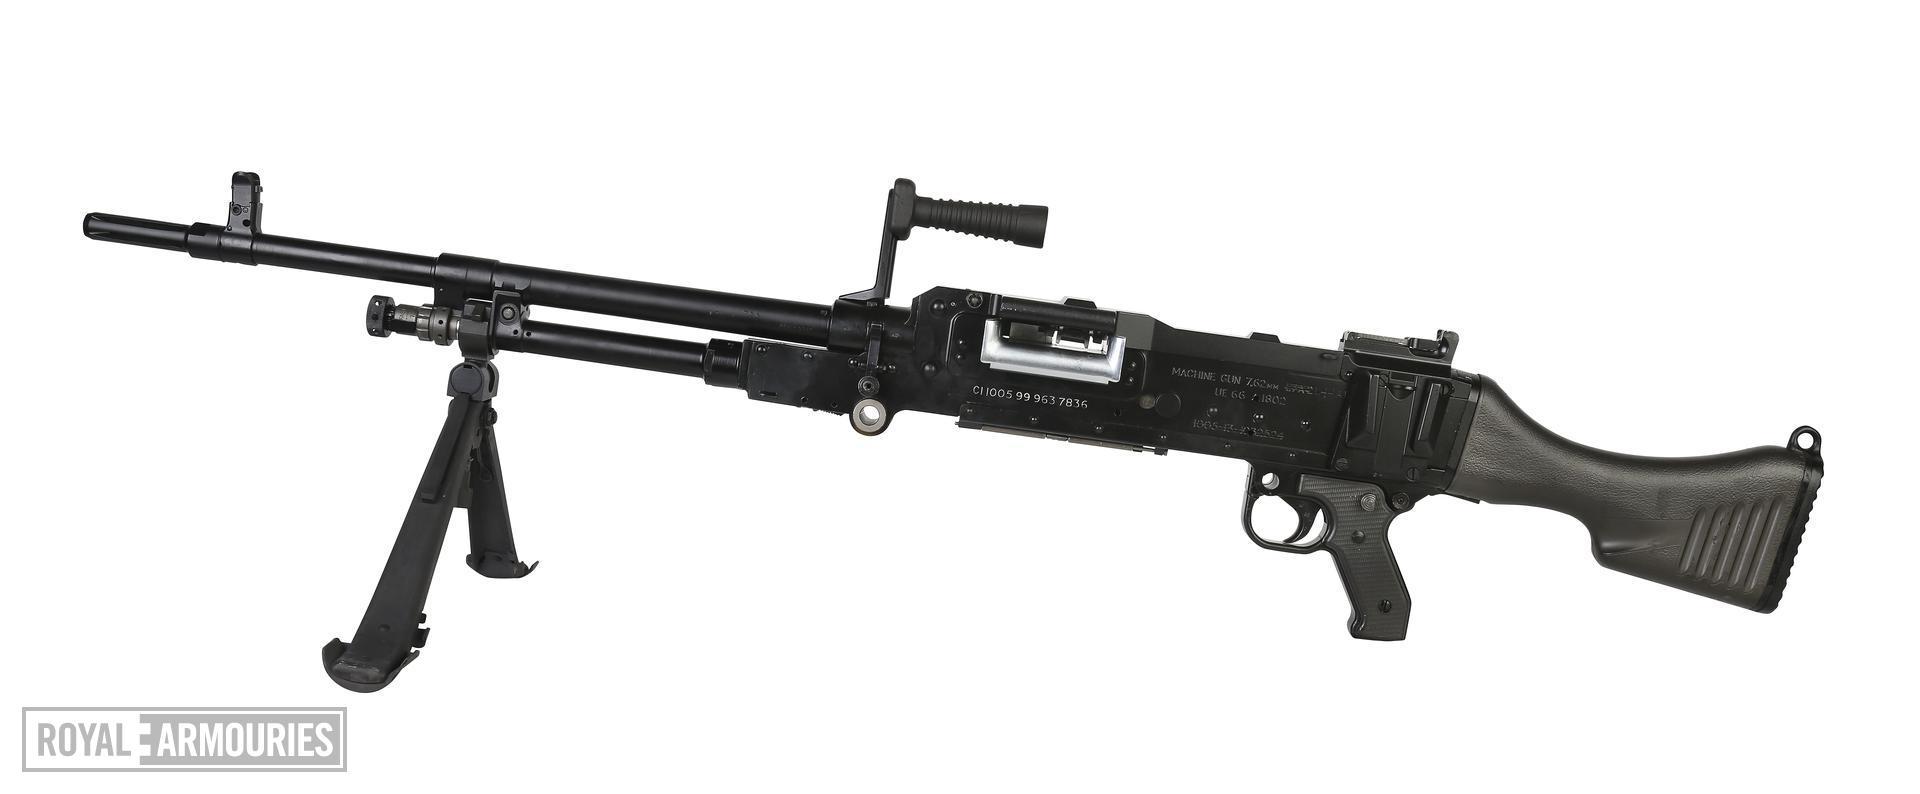 Centrefire automatic machine gun, GPMG FN L44A1. Air service model.